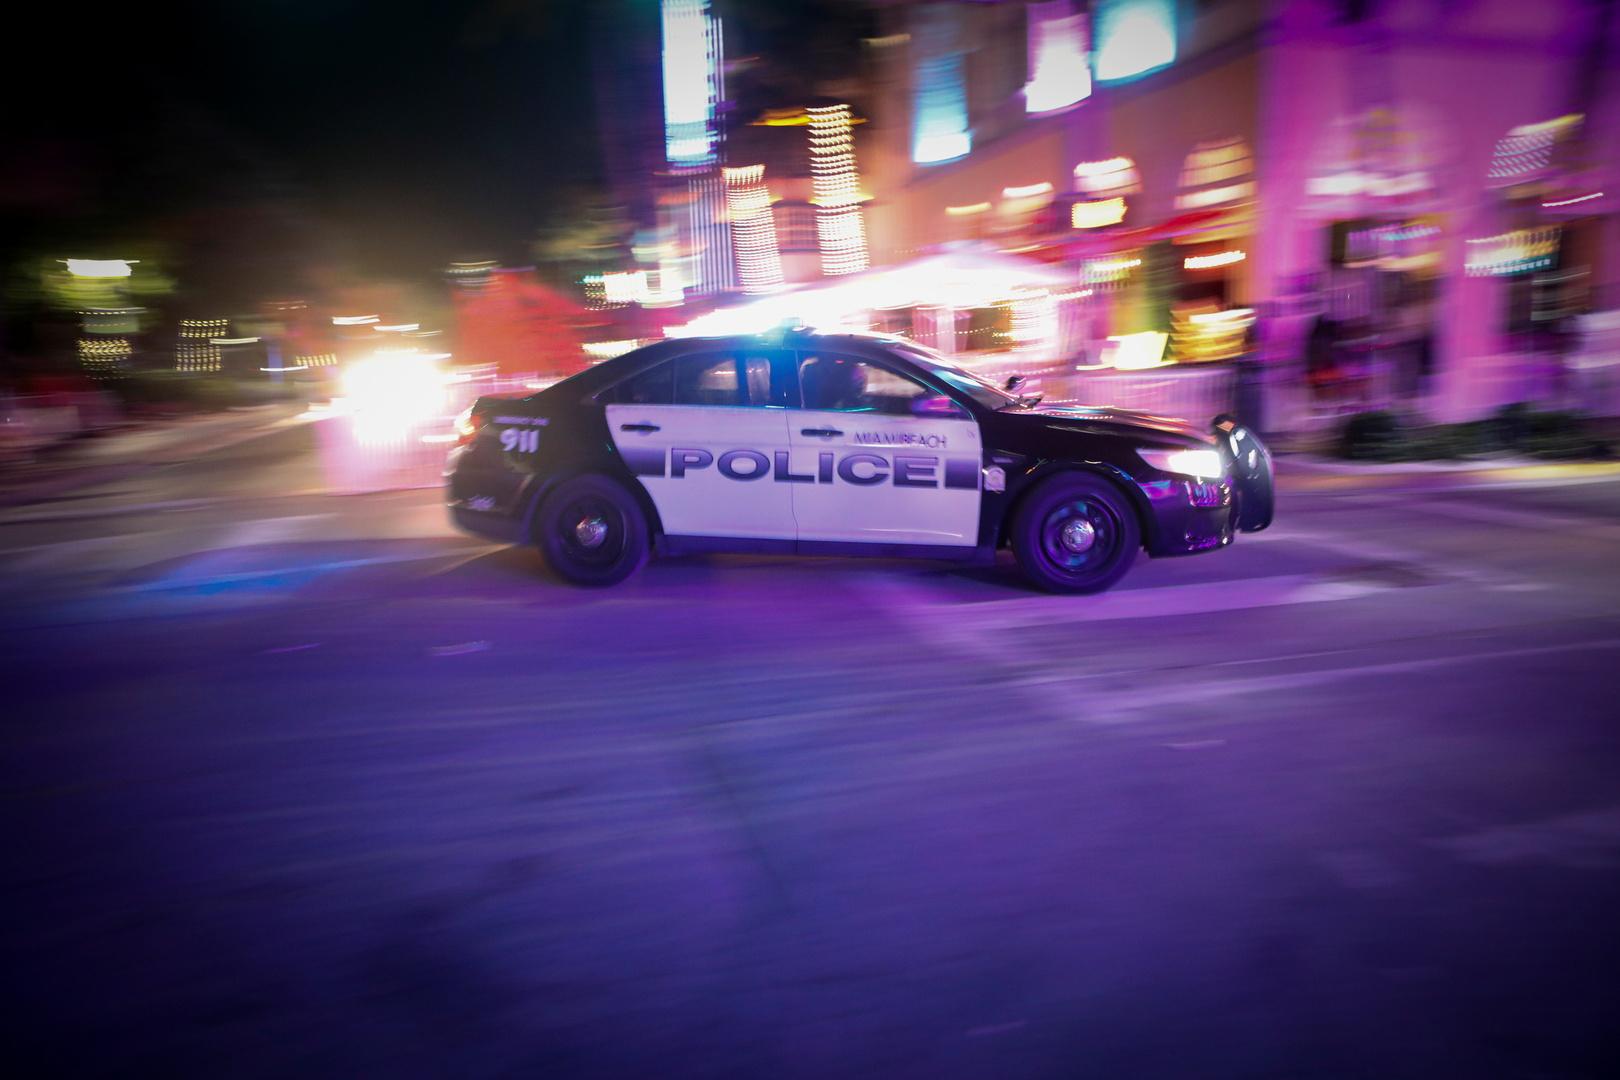 مذبحة في تكساس.. قتلا أفراد العائلة وقاما بالانتحار